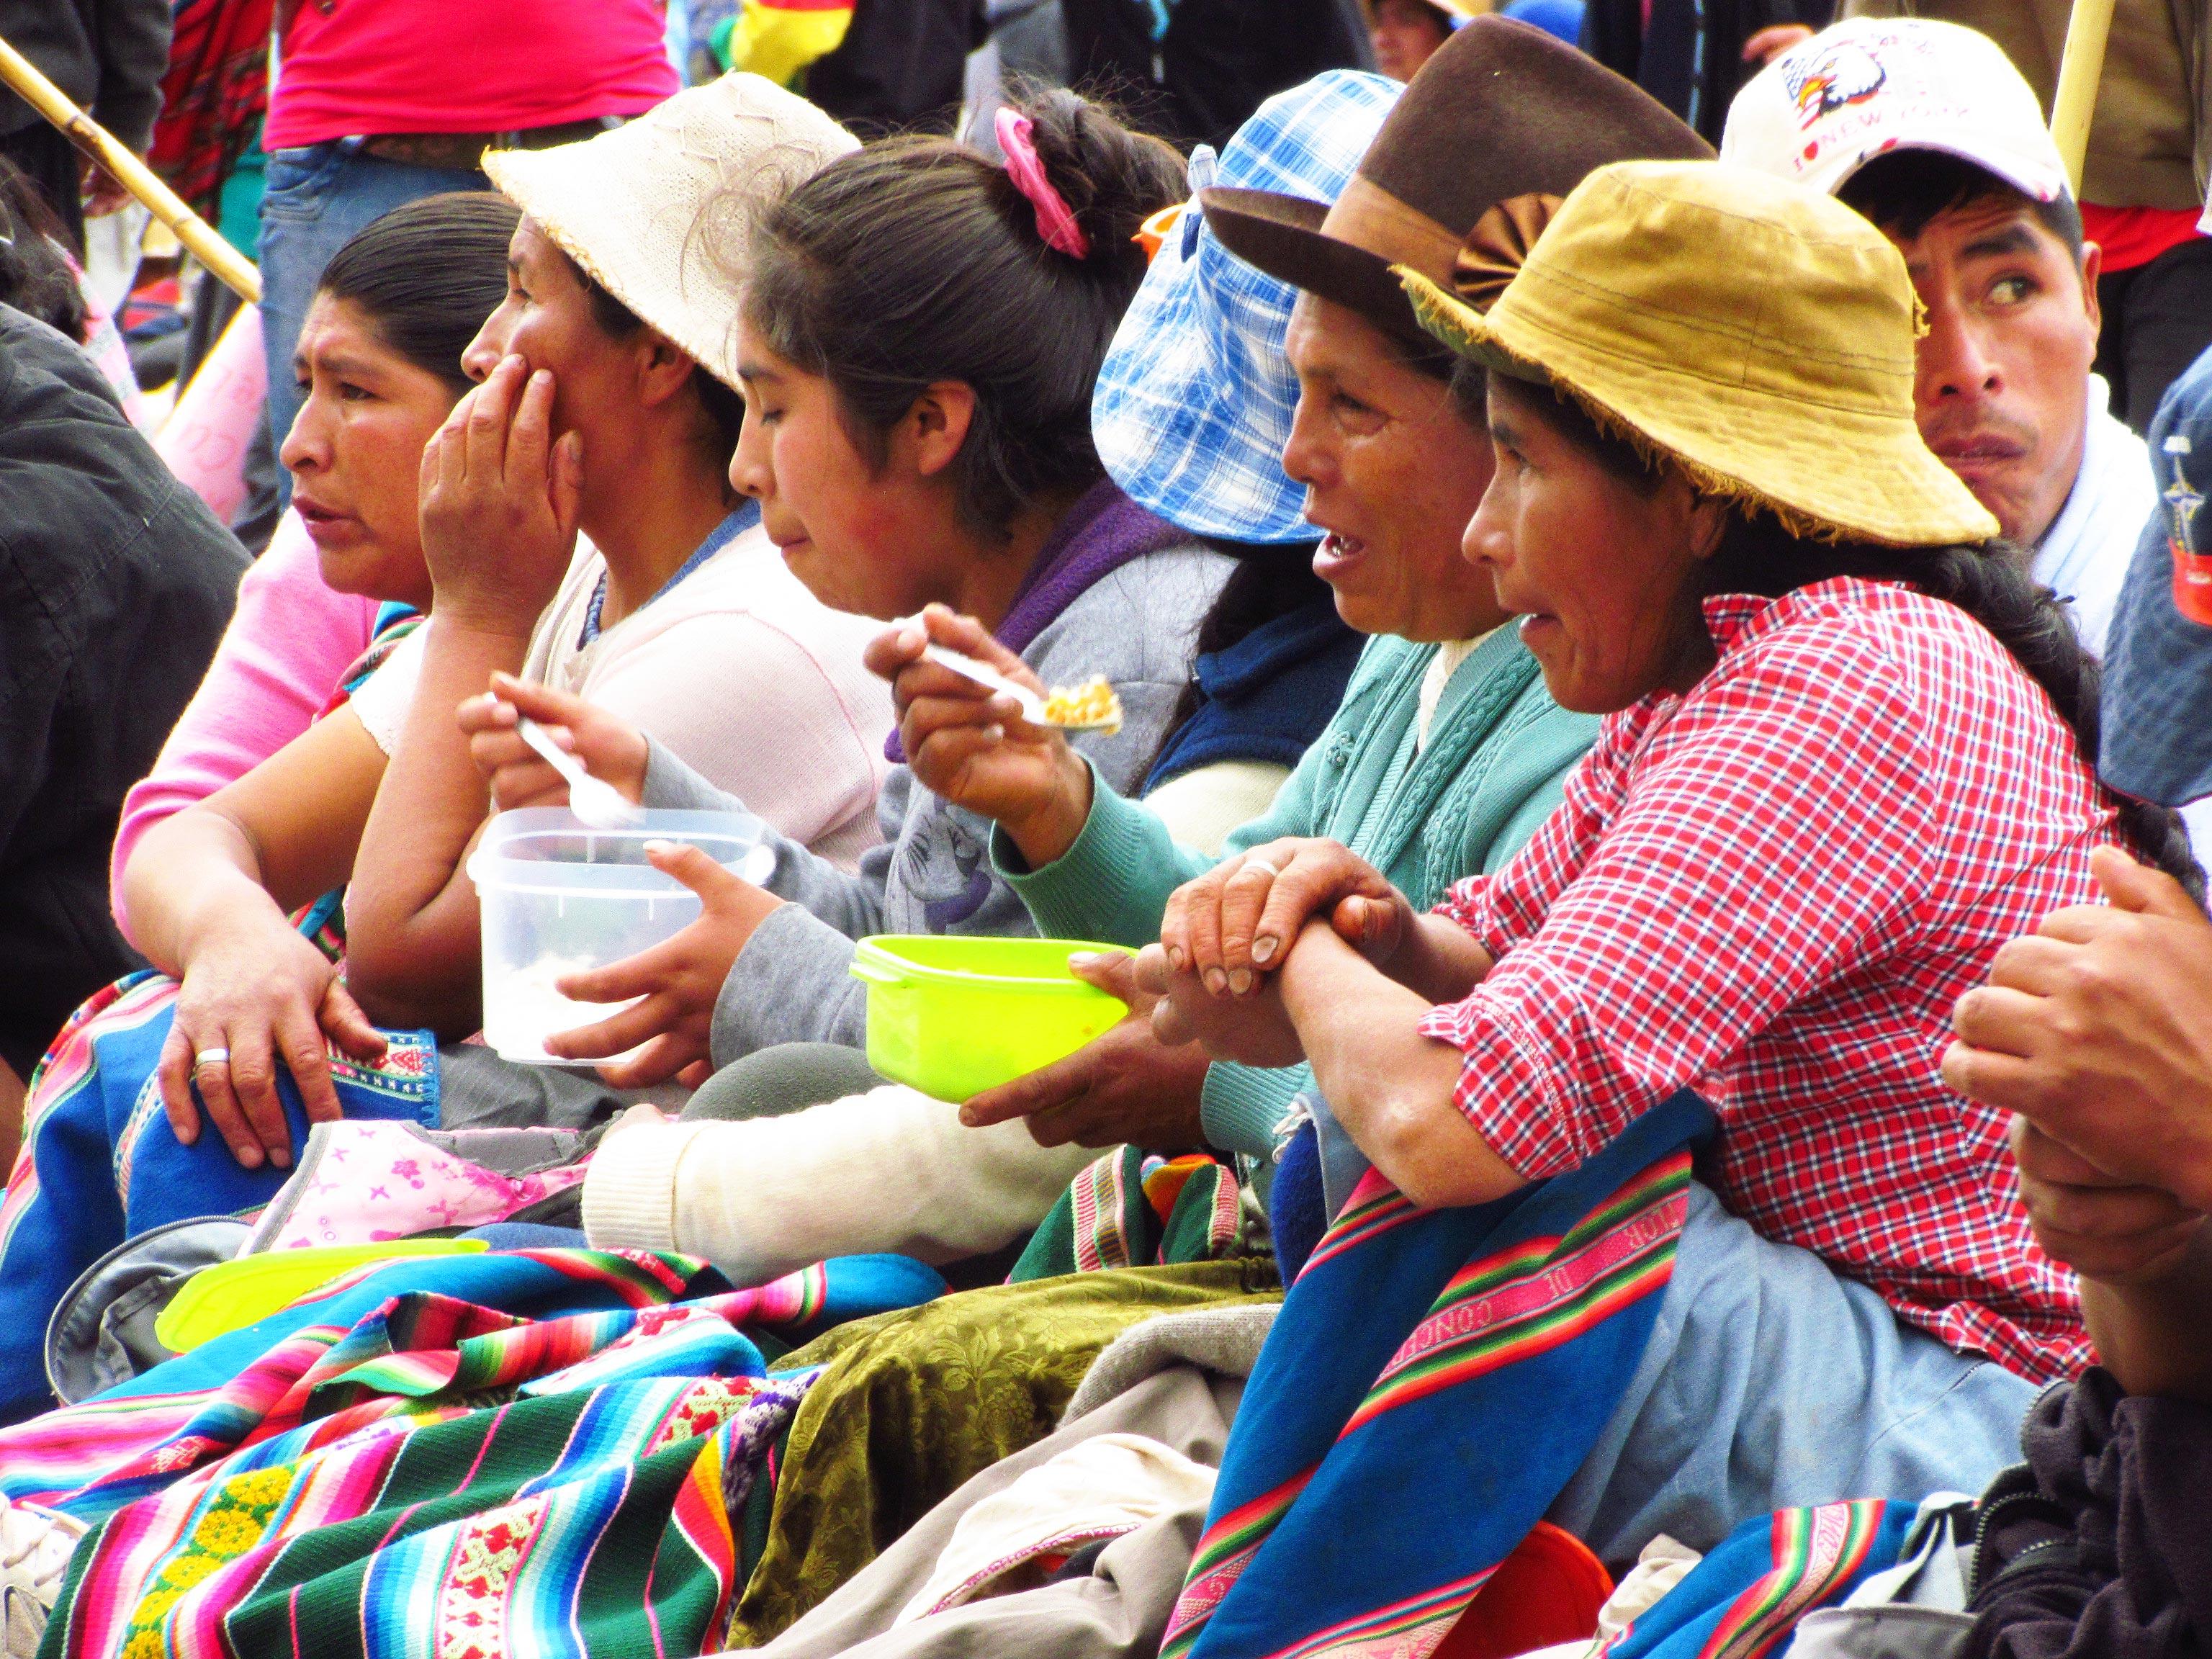 Mulheres comendo em manifestação de protesto